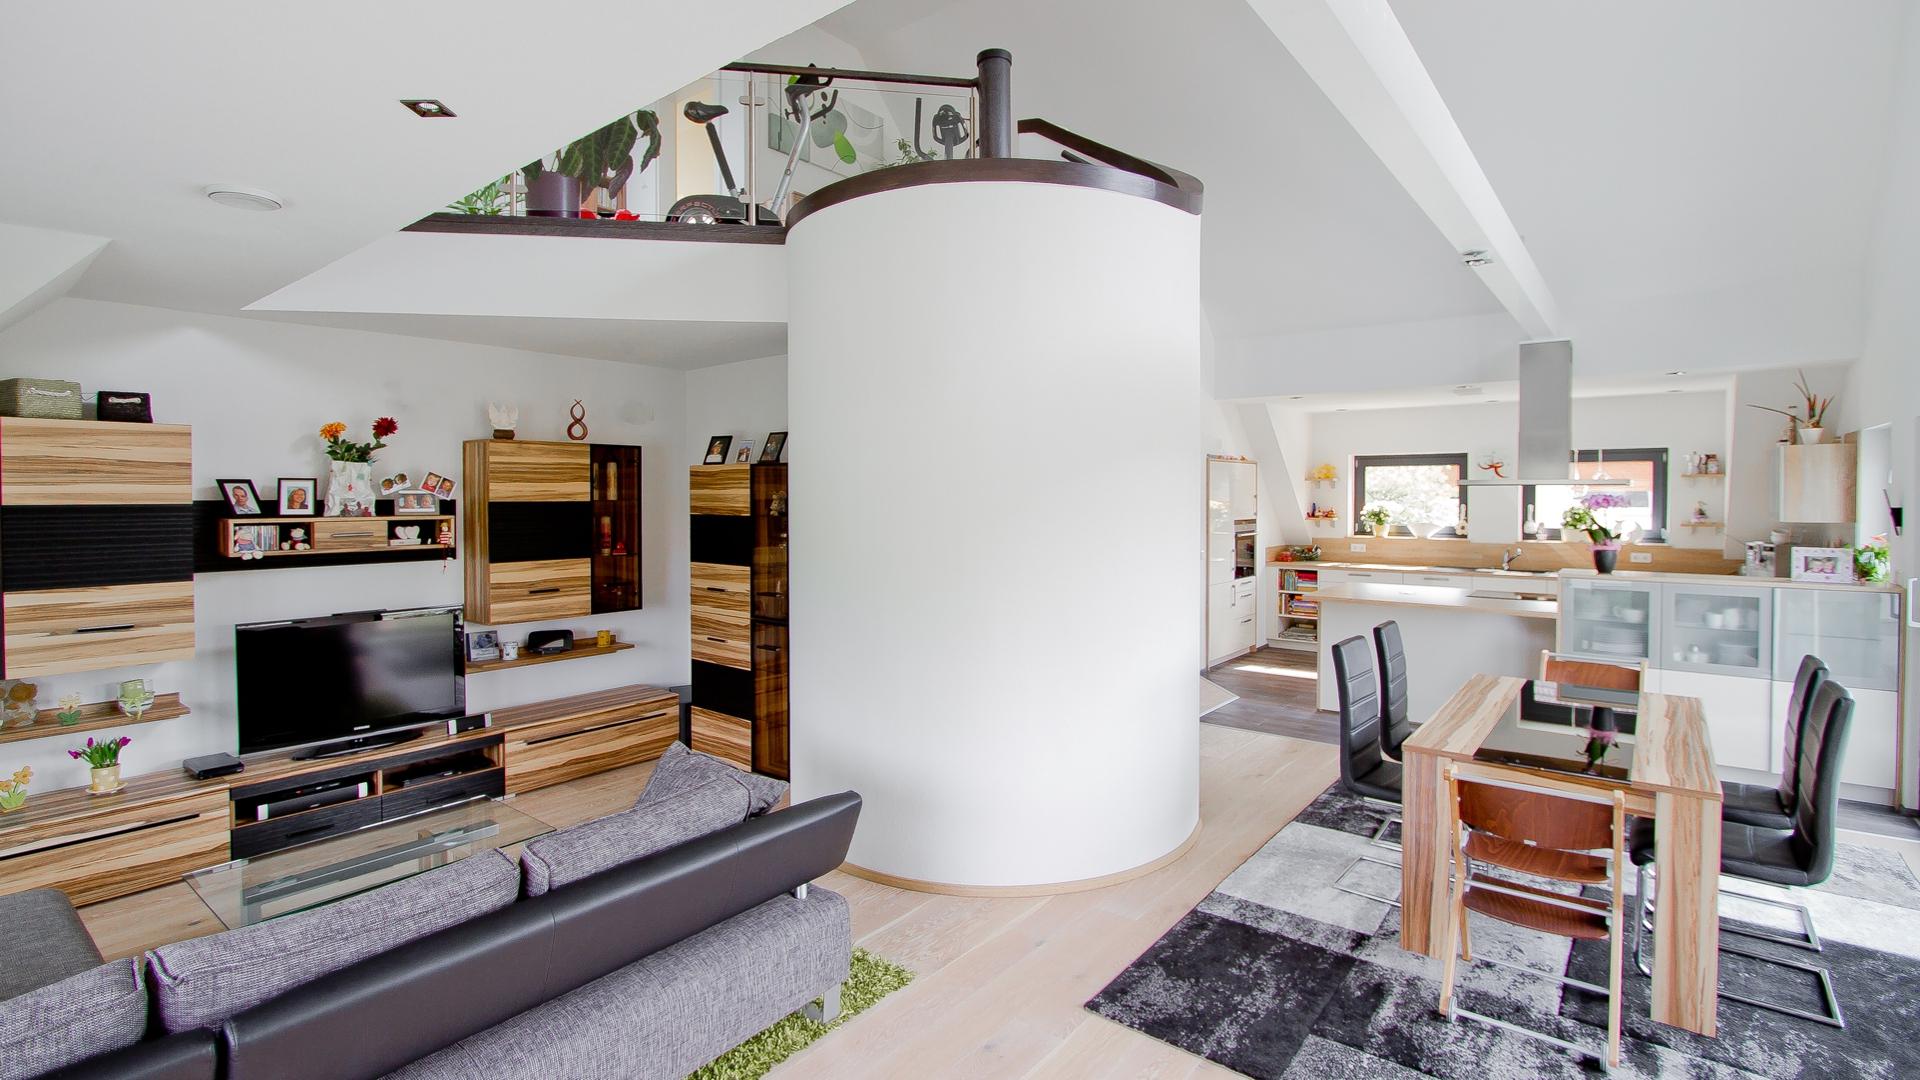 neuen wohnraum erschlie en eyrich halbig holzbau gmbh. Black Bedroom Furniture Sets. Home Design Ideas